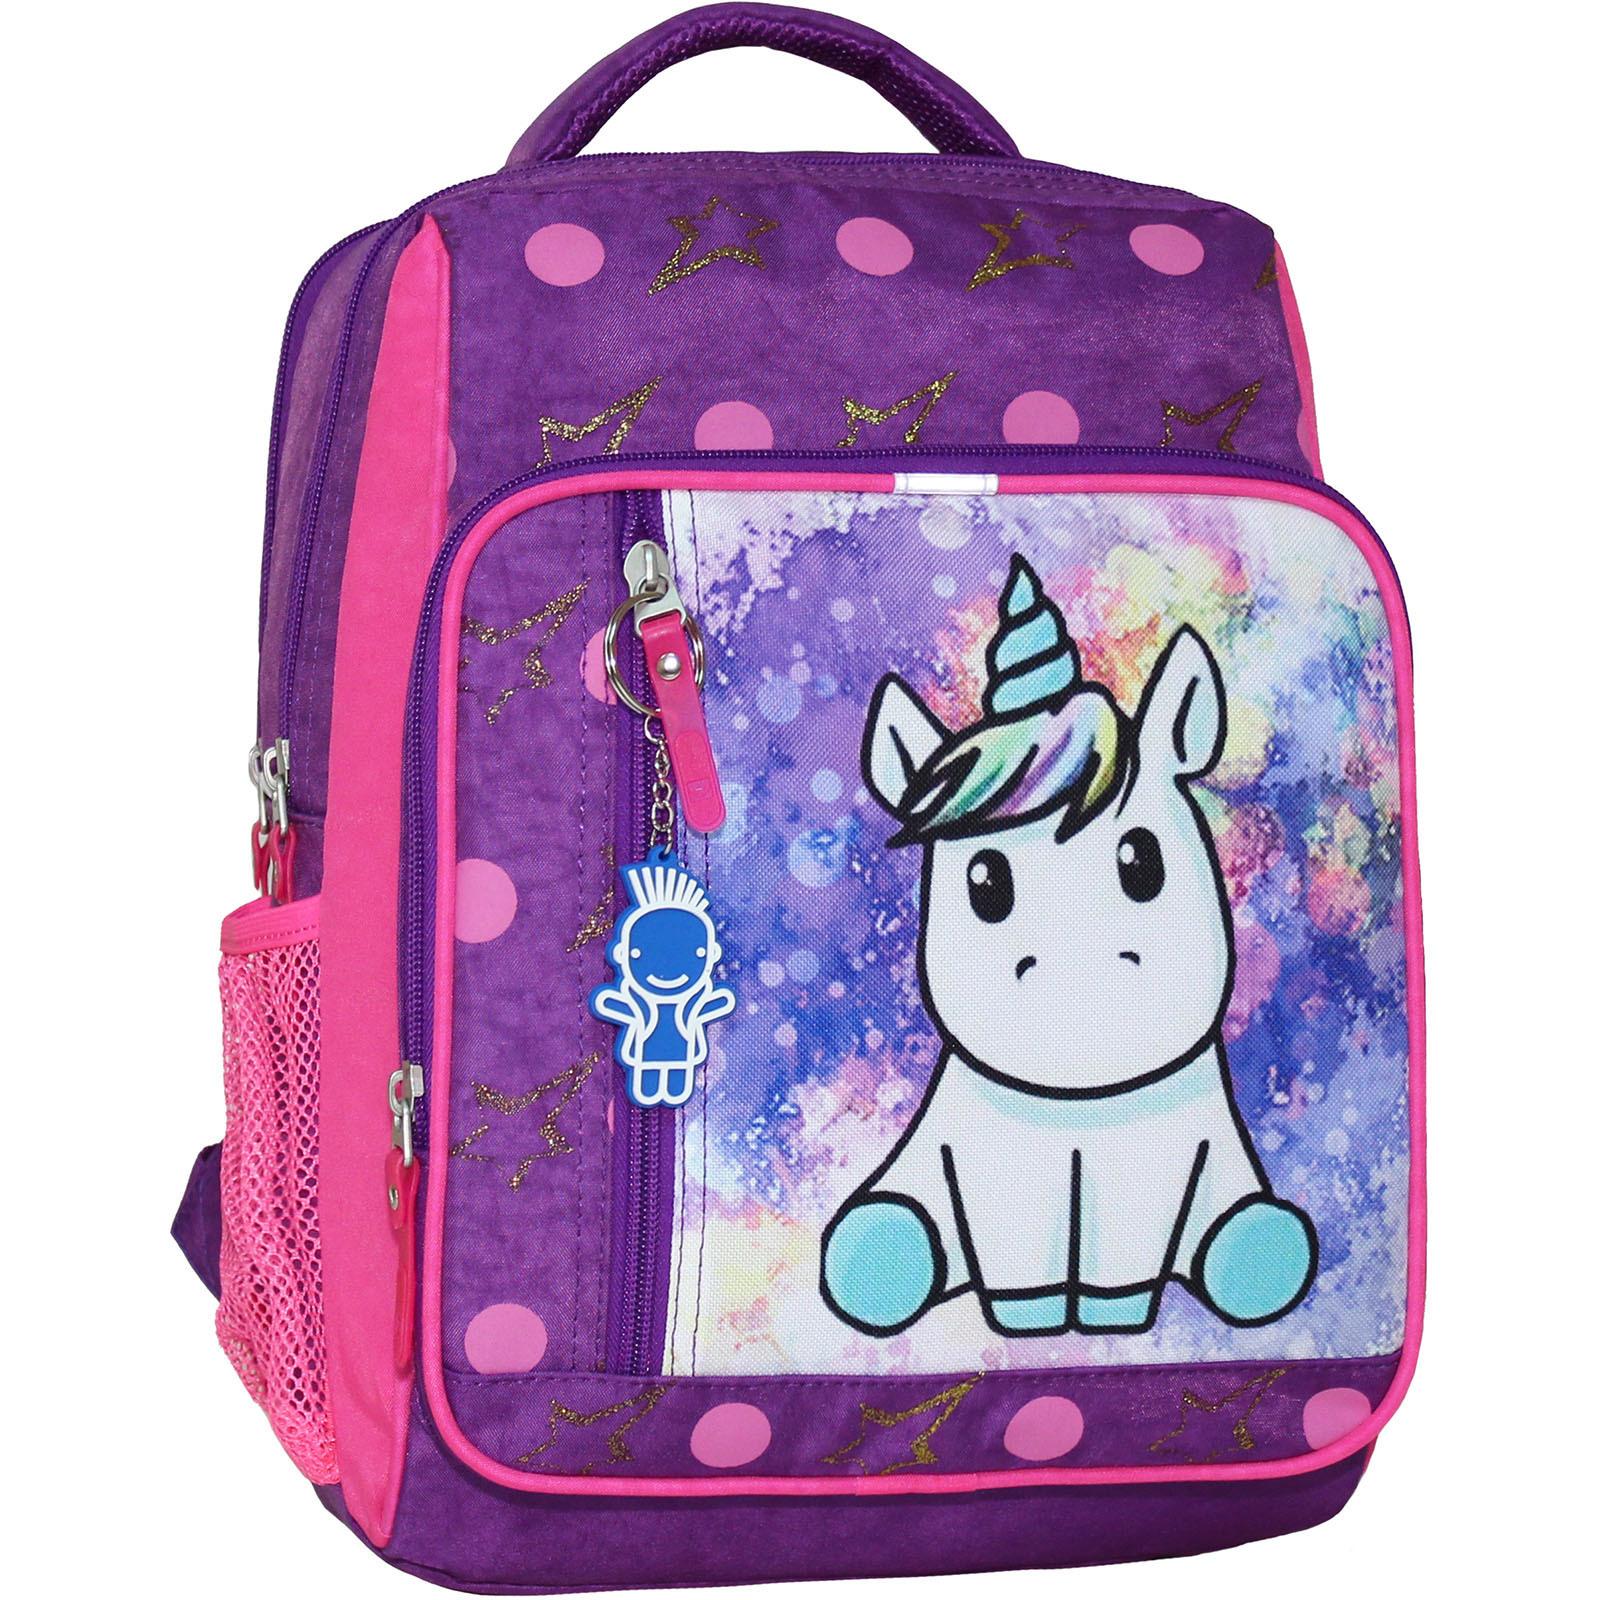 Школьные рюкзаки Рюкзак школьный Bagland Школьник 8 л. 339 фiолетовий 428 (00112702) IMG_5257_428_.JPG